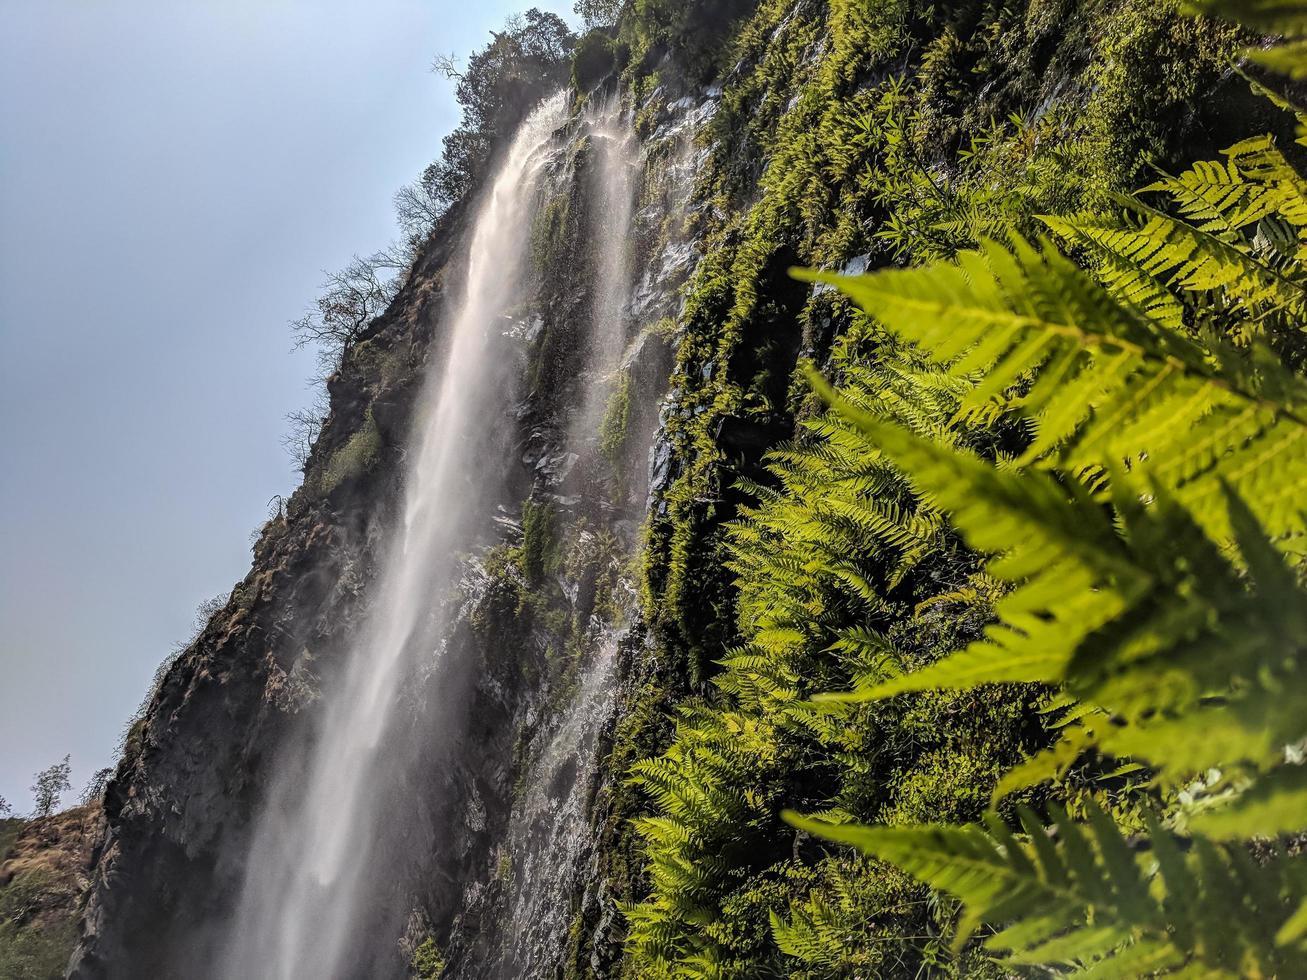 chutes d'eau pendant la journée photo